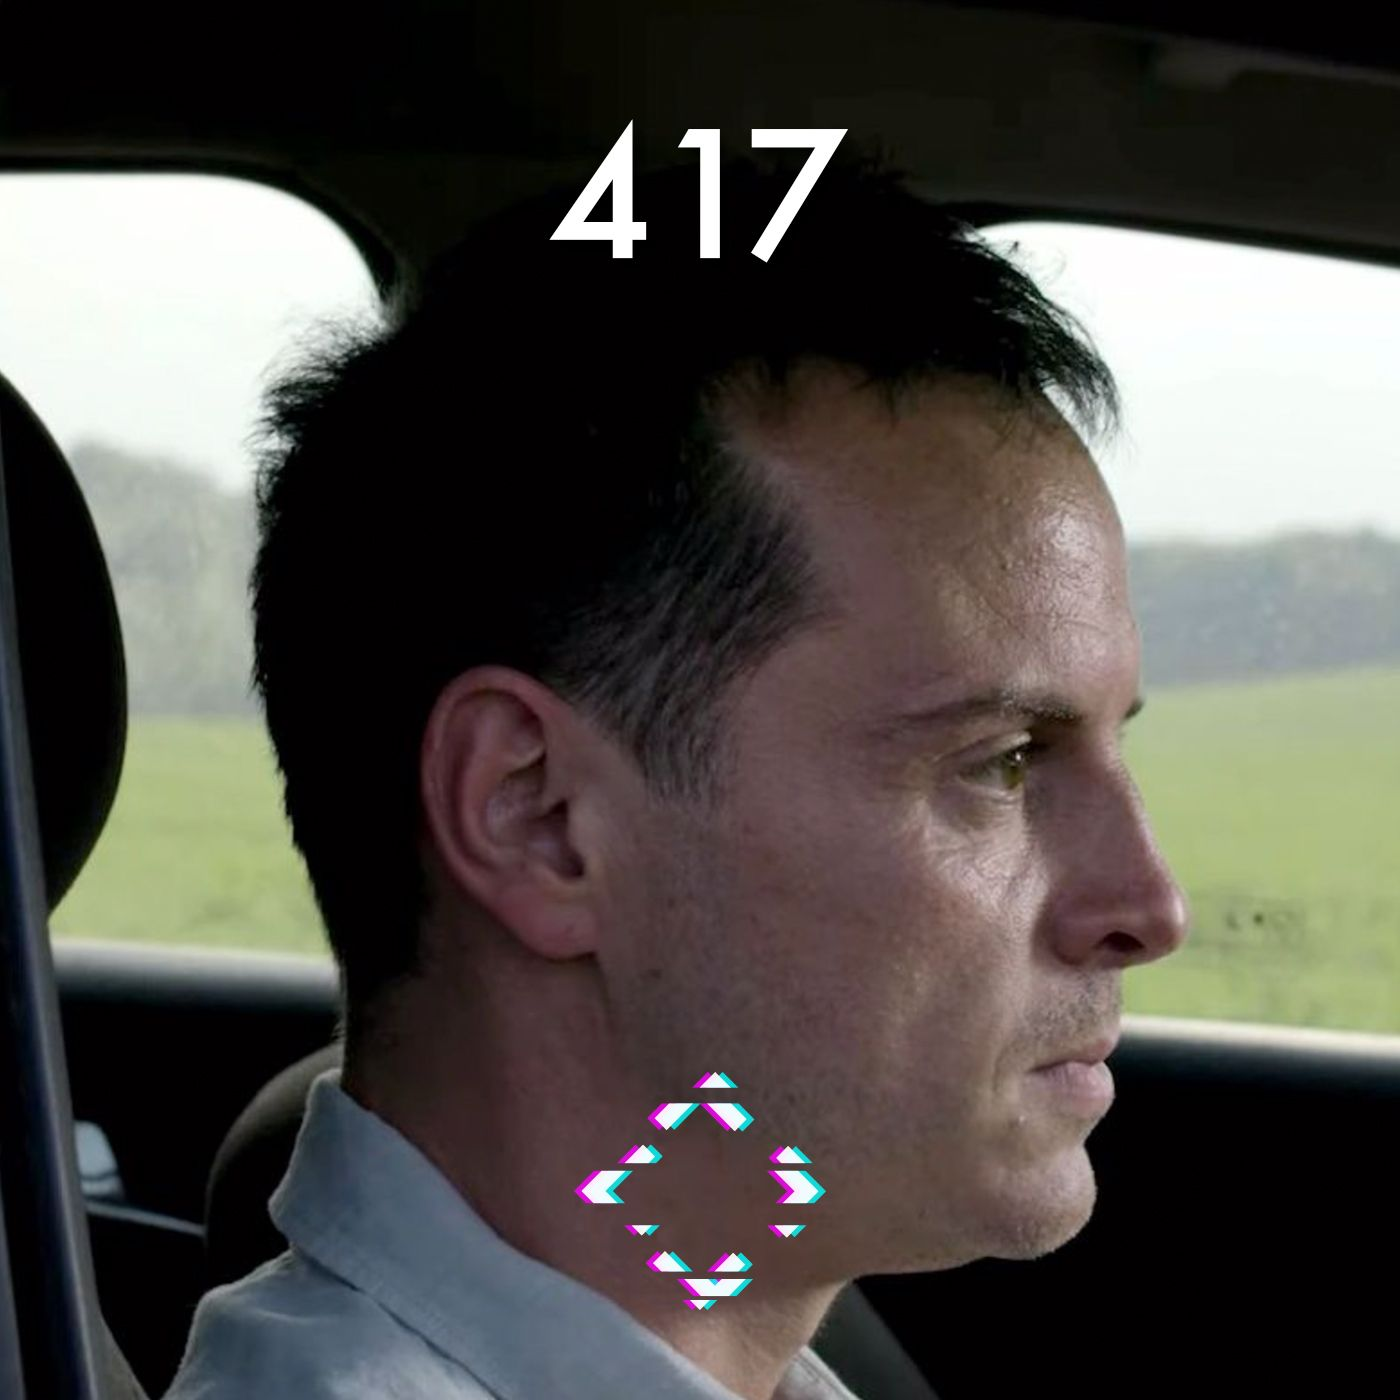 AntiCast 417 – Black Mirror: S05E02